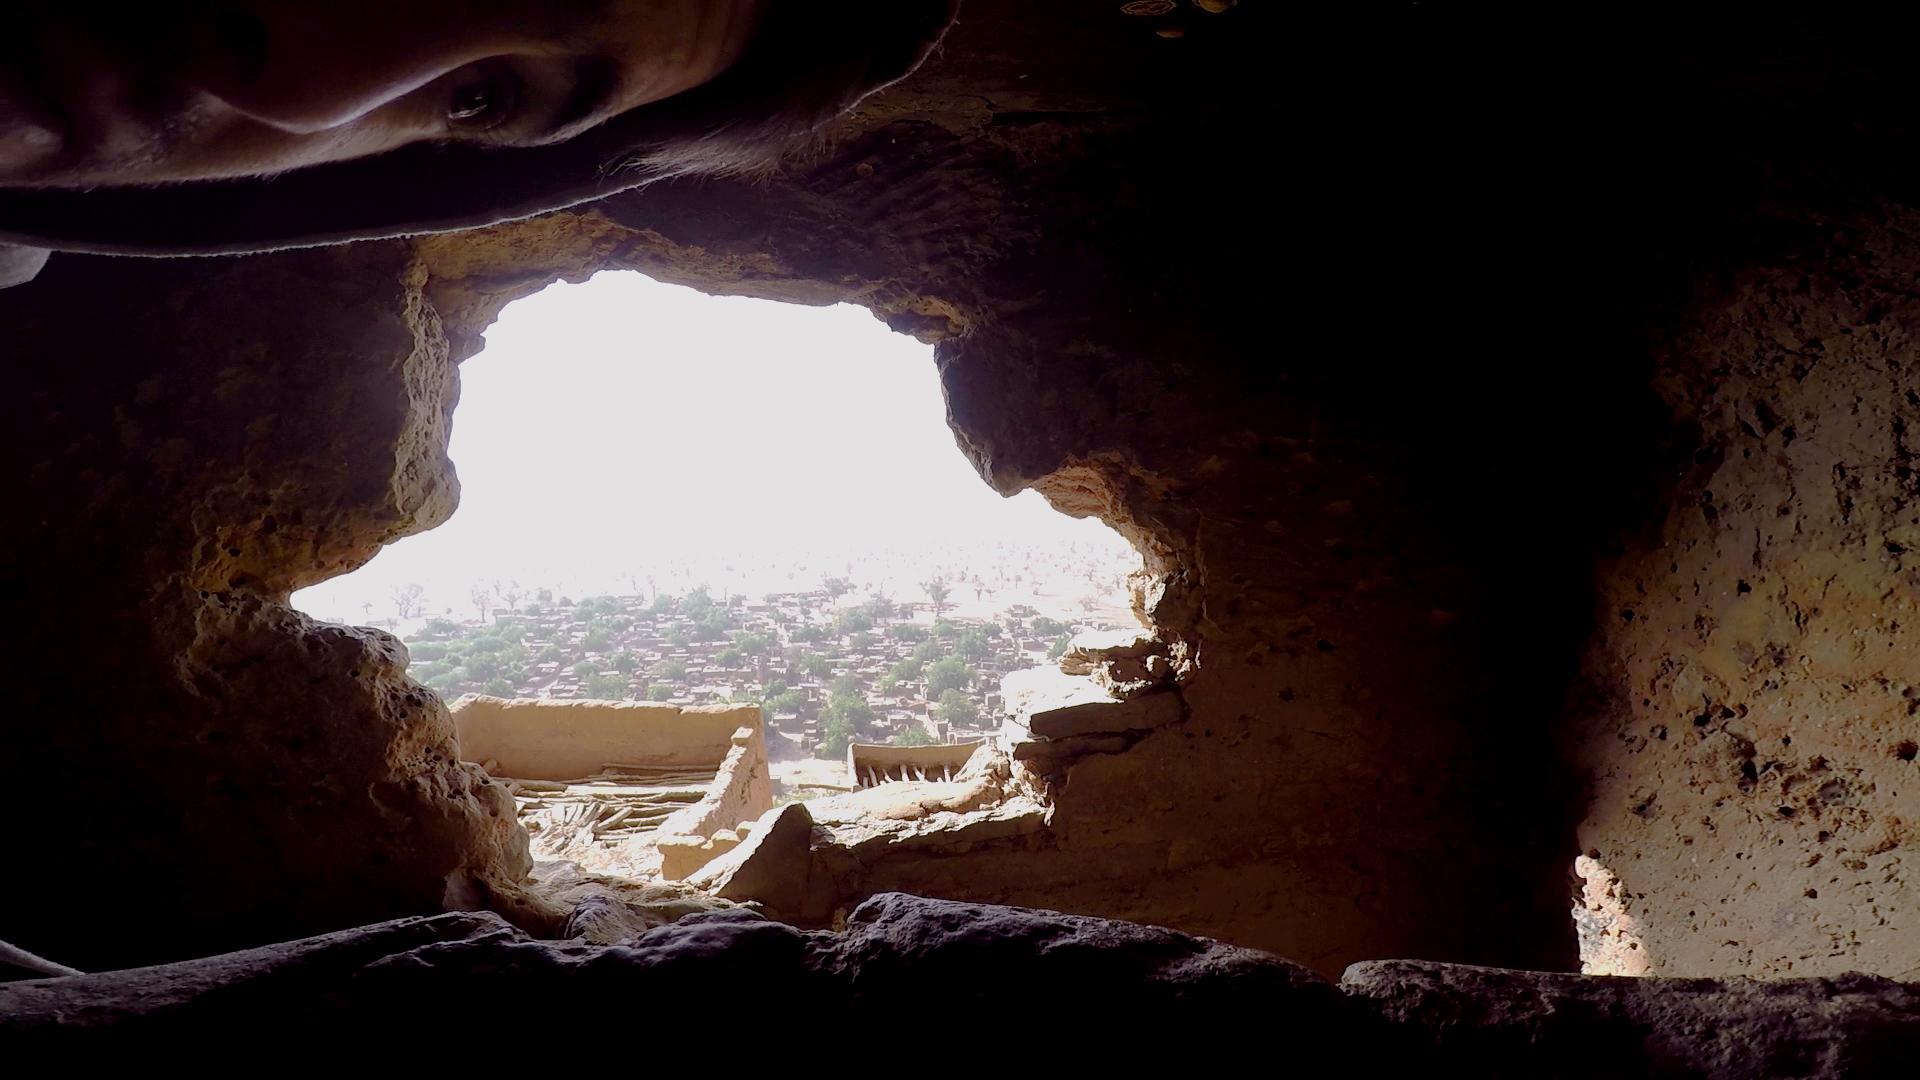 pablocaminante filmando canto dioses mali - Malí 7, País Dogon IV: Tellem